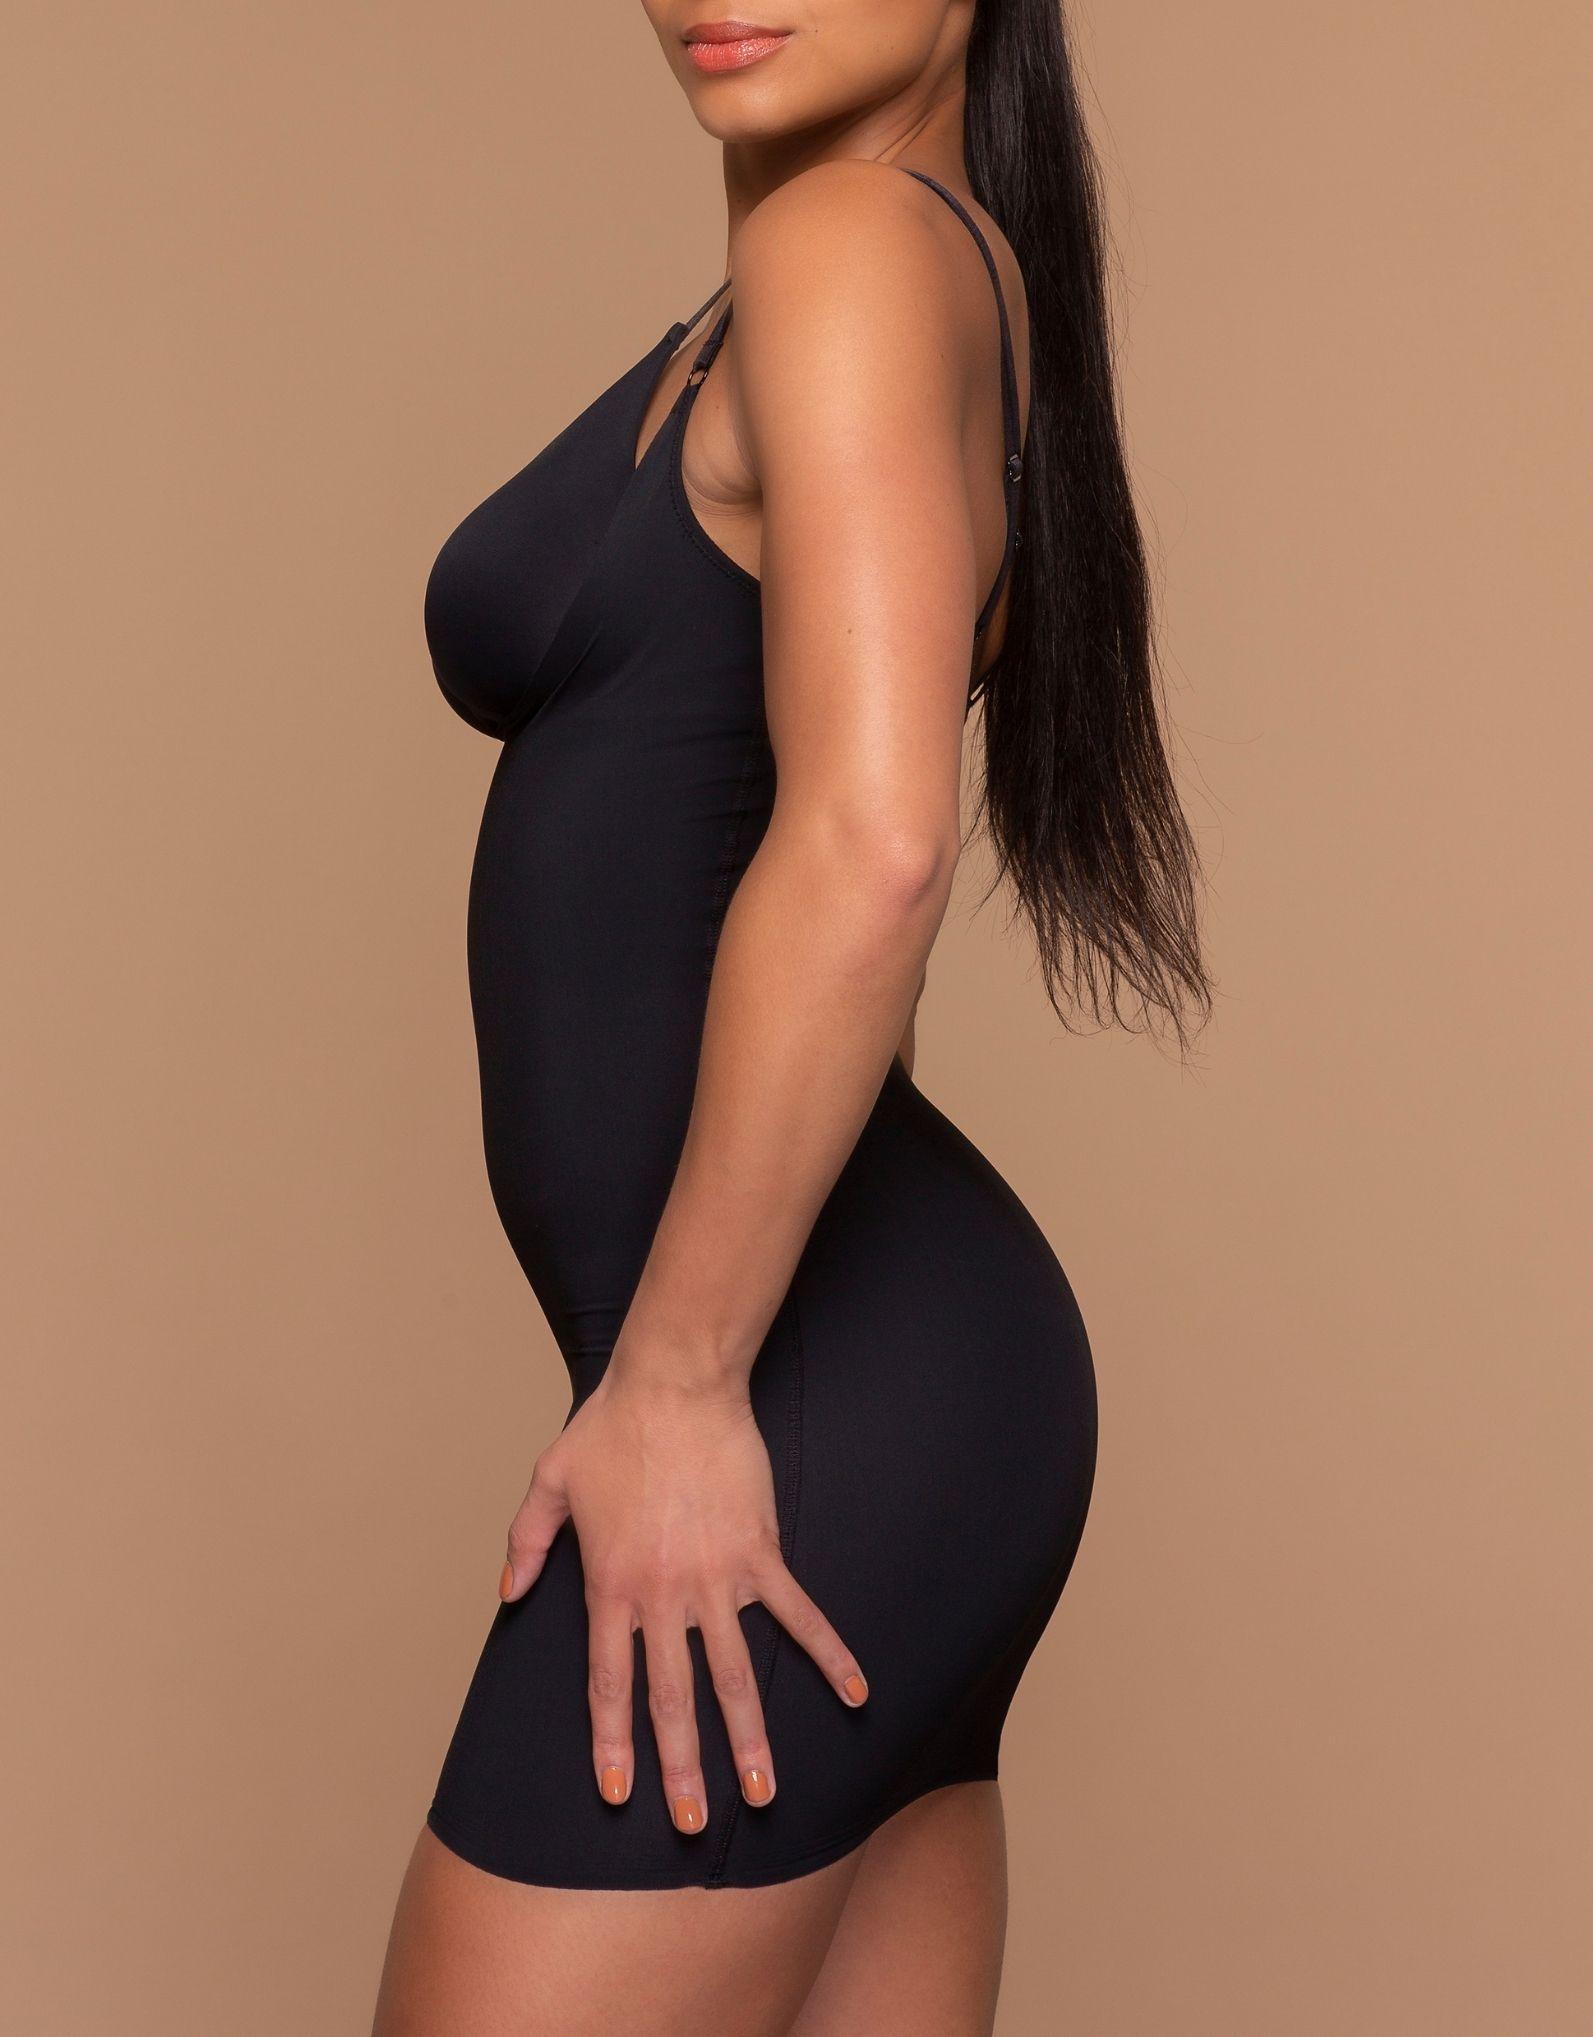 Bye Bra - Sculpting Open Bust Dress - Black